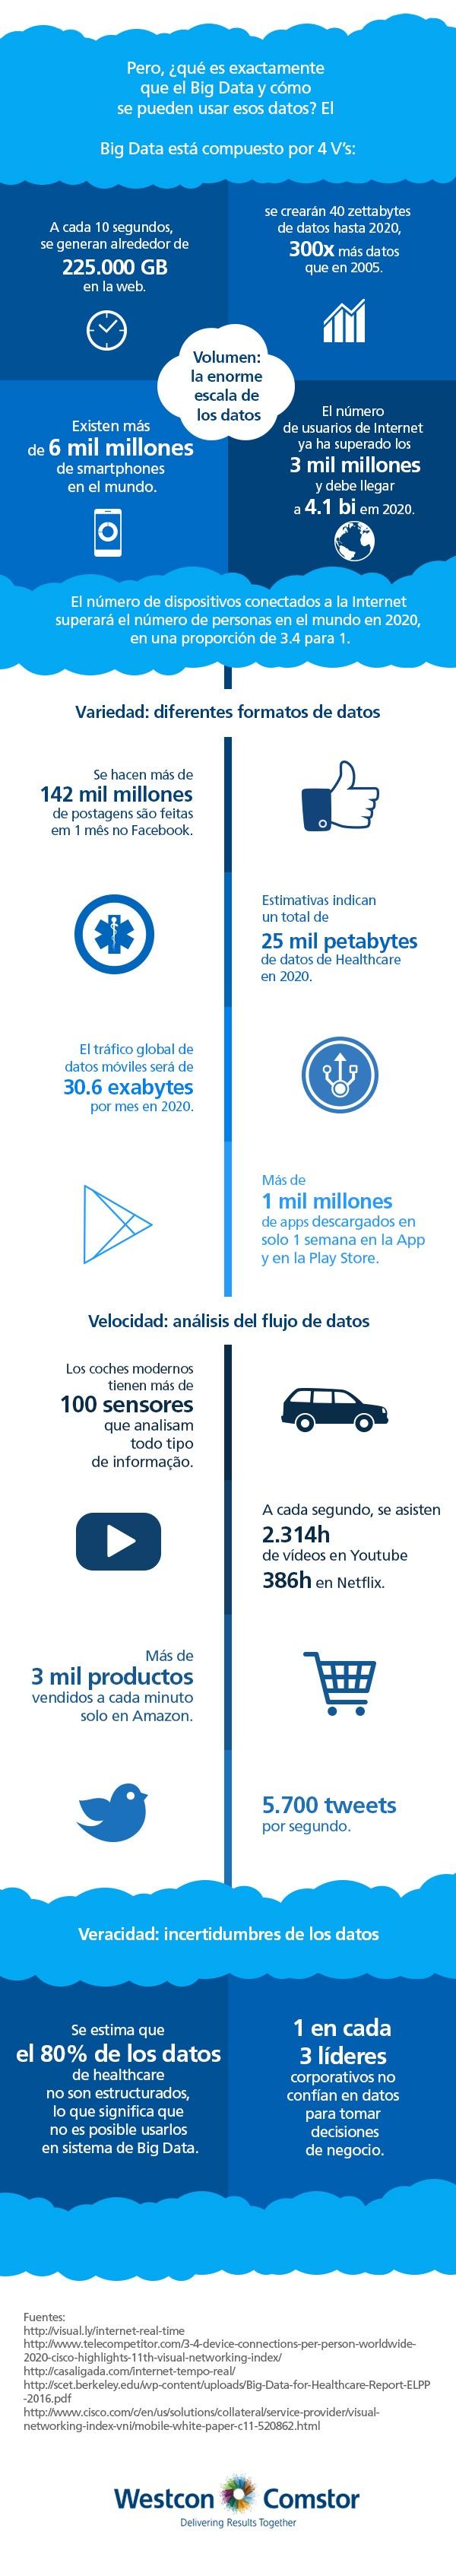 Las 4 V's del Big Data